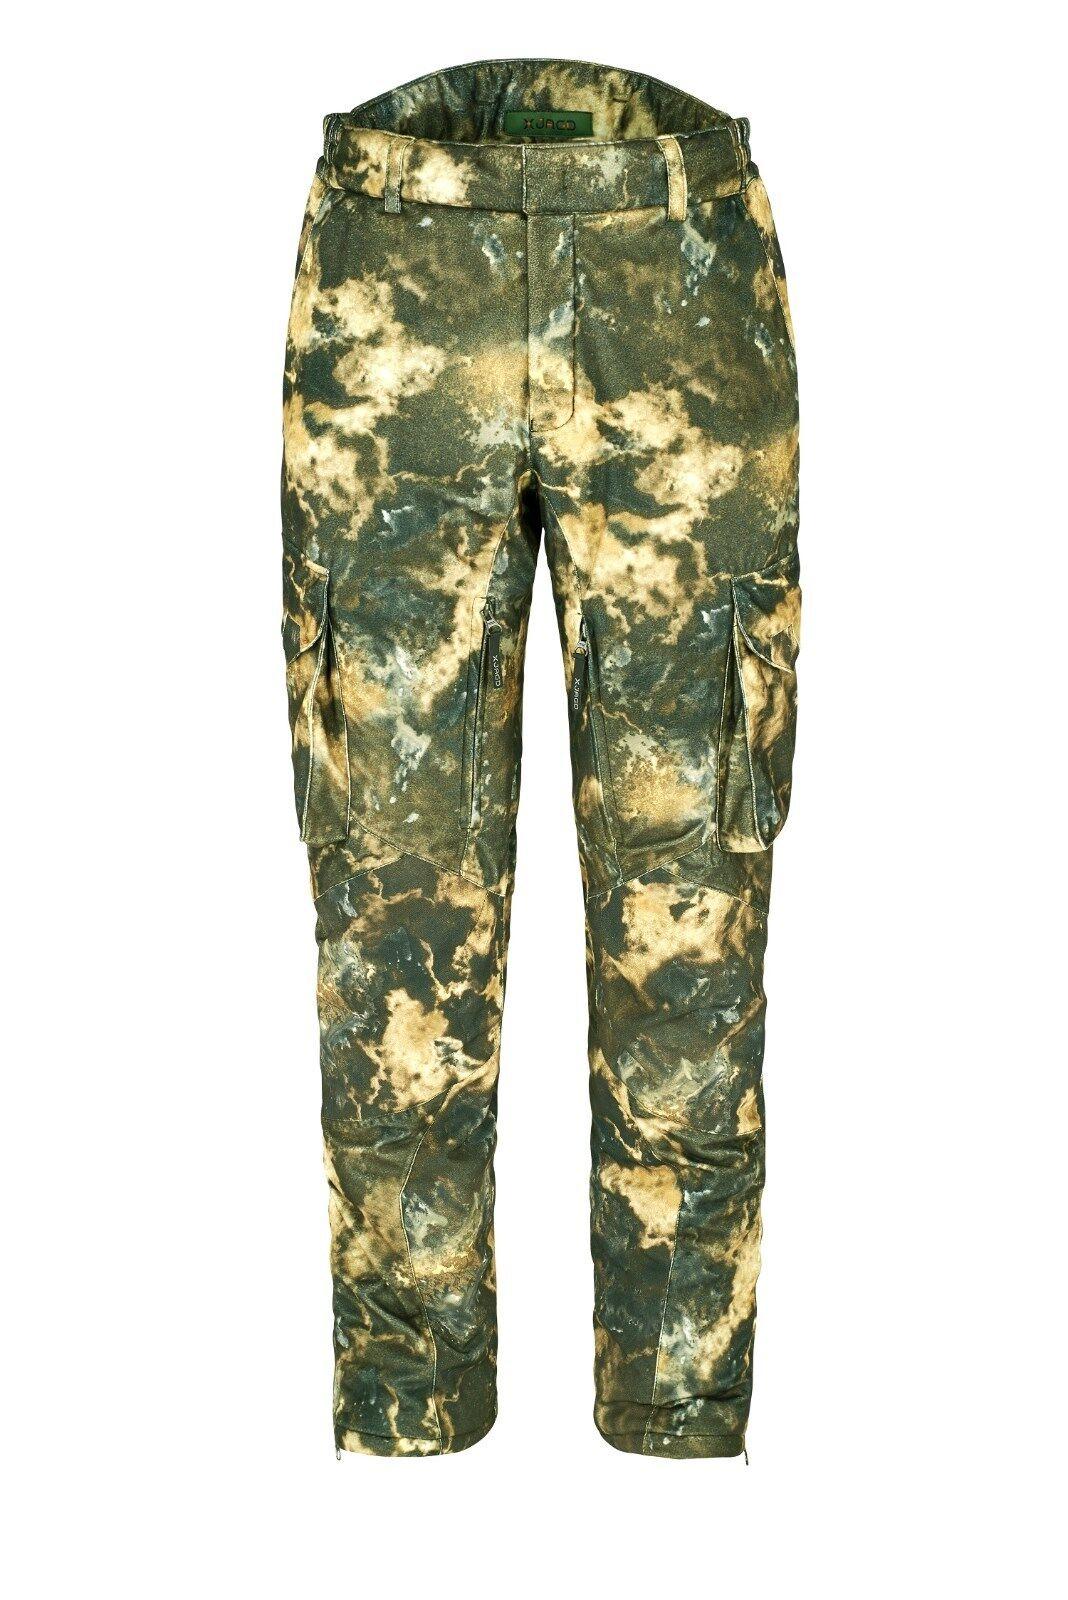 X-caza ansitz-función pantalones icelander-thermofit-en silencio  + ultrawarm Woodland  hasta un 65% de descuento